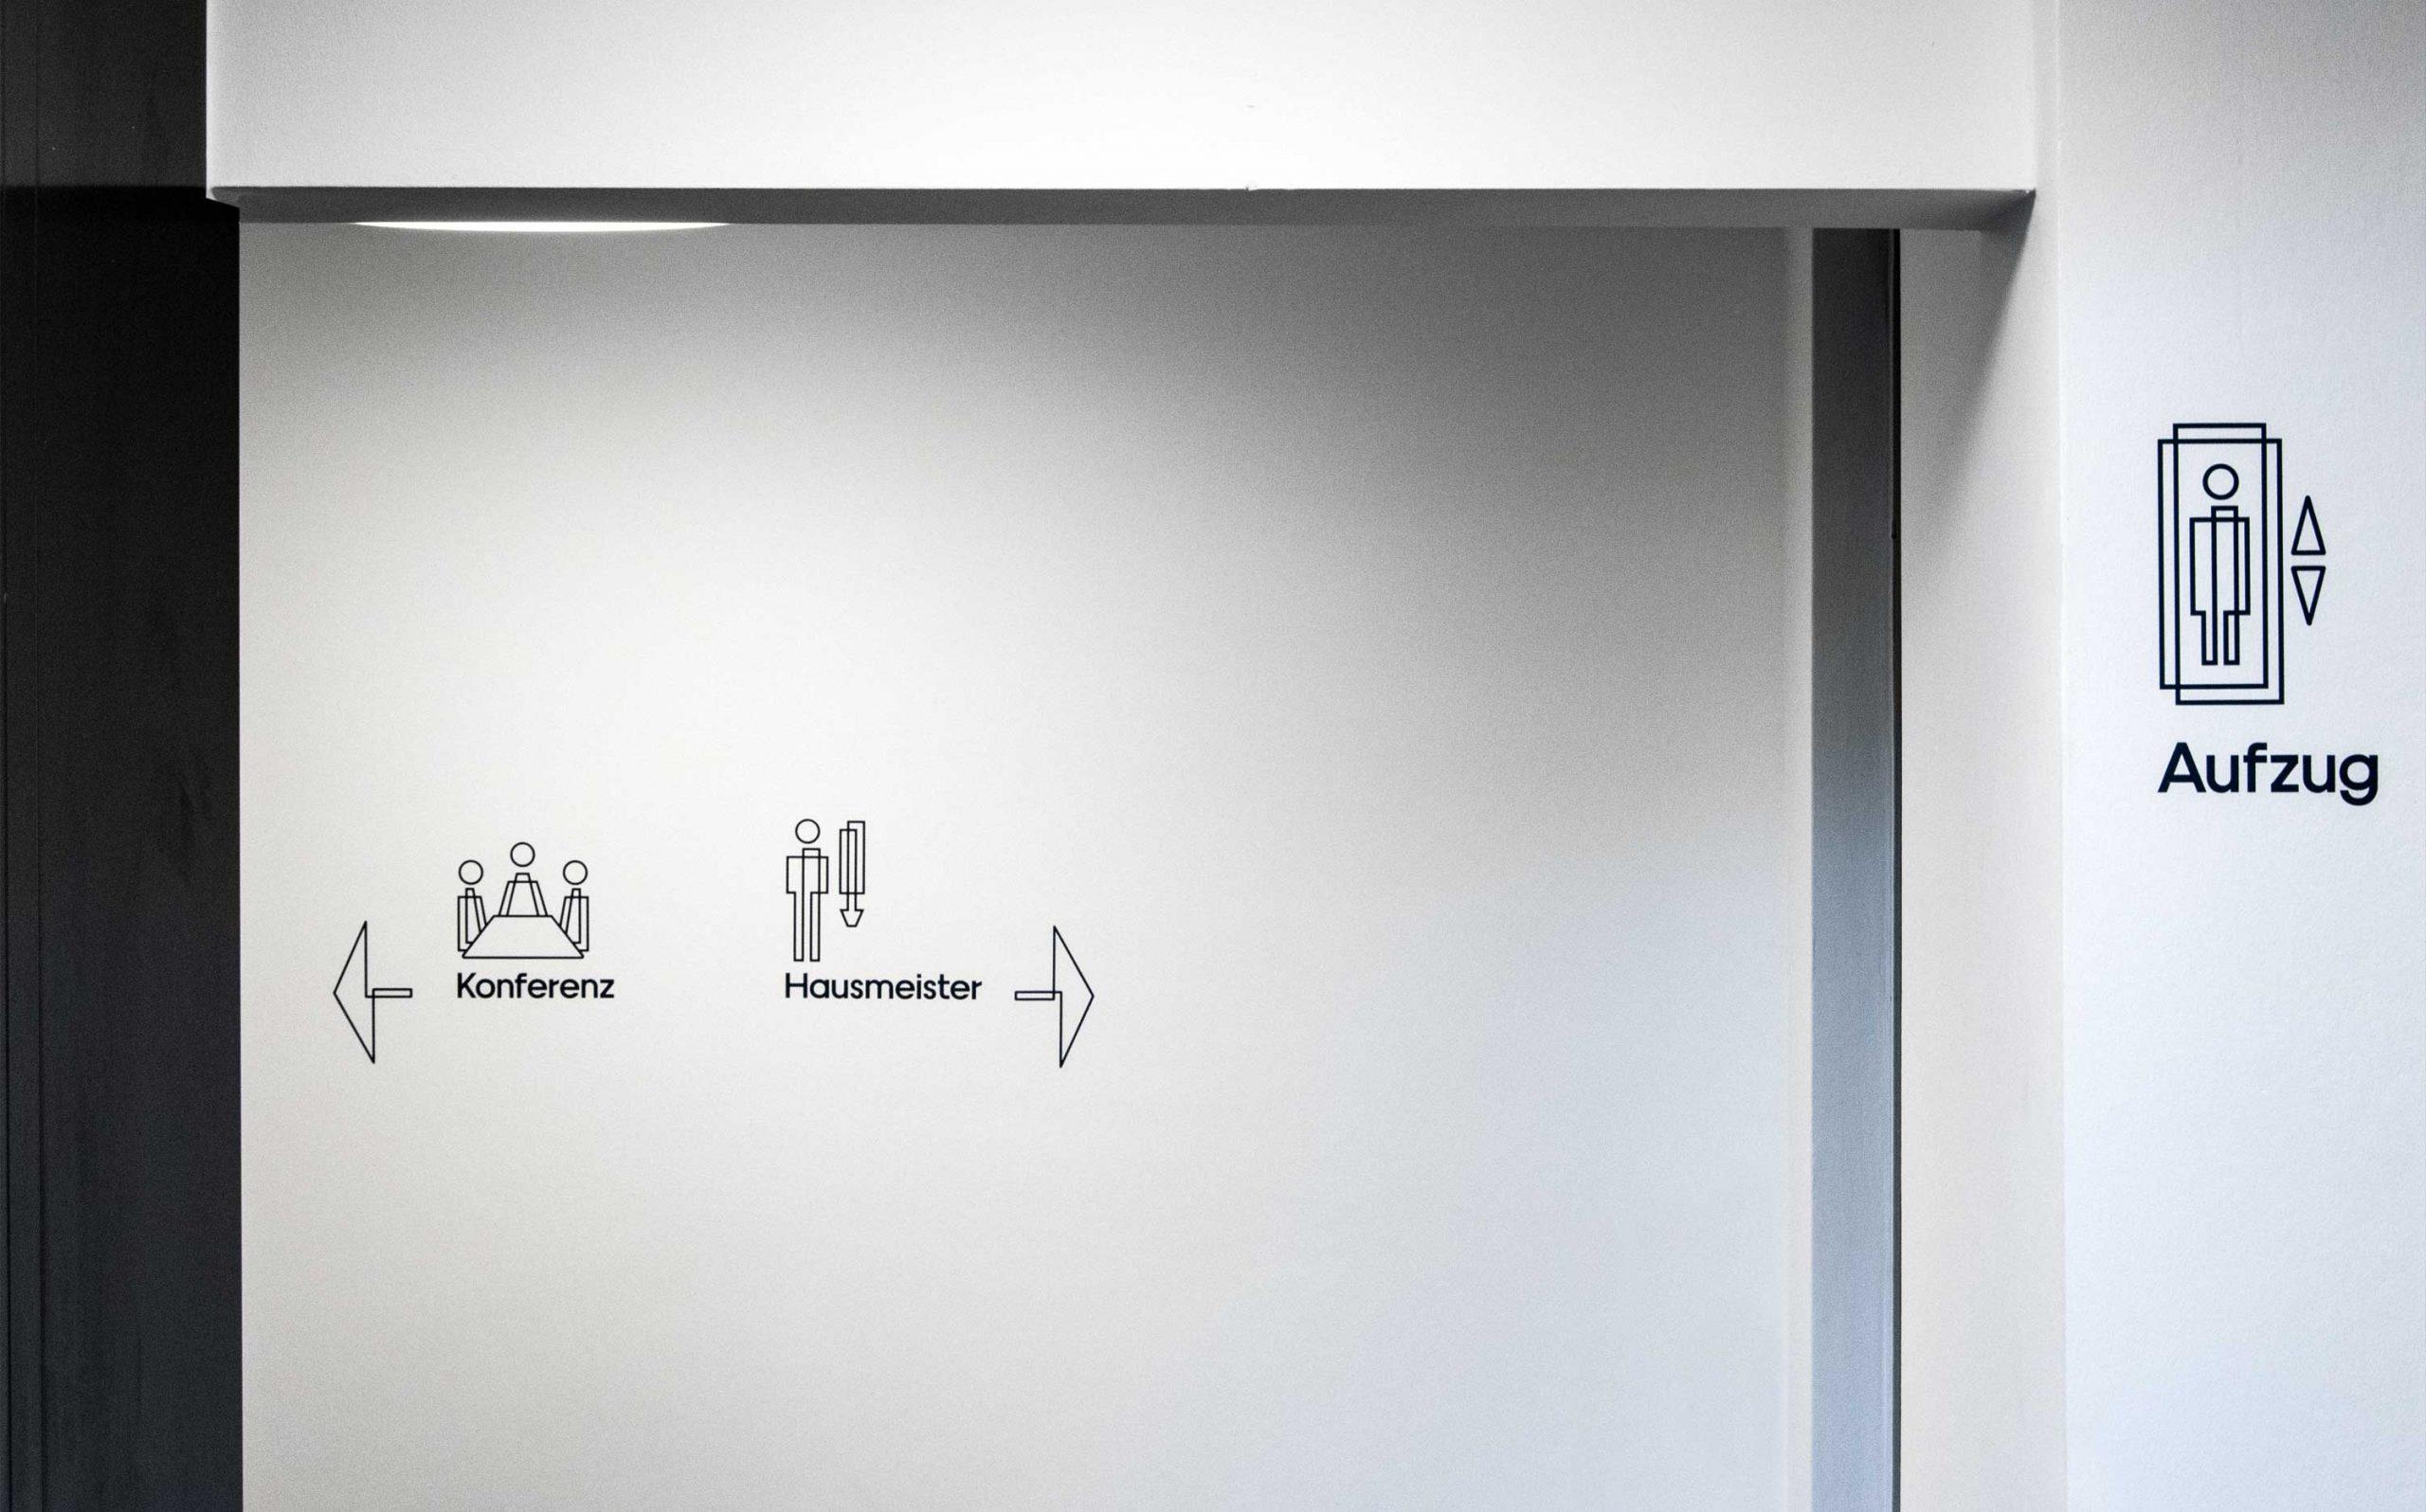 Etagenkennzeichnung für das Rechenzentrum der Finanzverwaltung des Landes Nordrhein-Westfalen   Piktogramme   Keywords: Etagenkennzeichnung, Signaletik, Leitsystem, Orientierungssystem, Design, Grafikdesign, Typografie